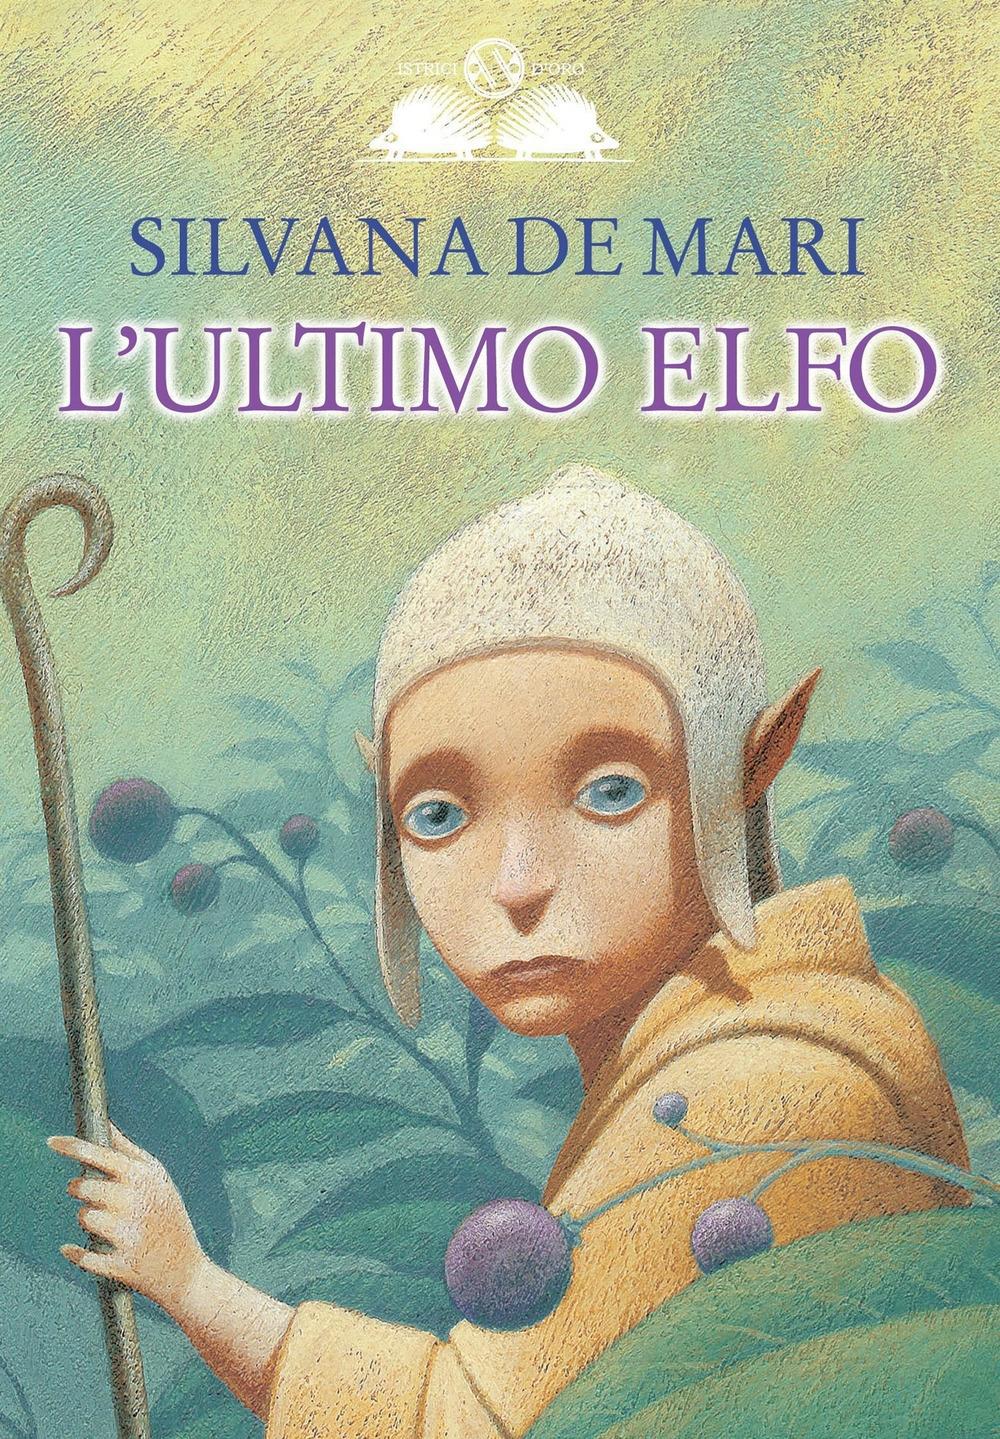 L'ultimo elfo.